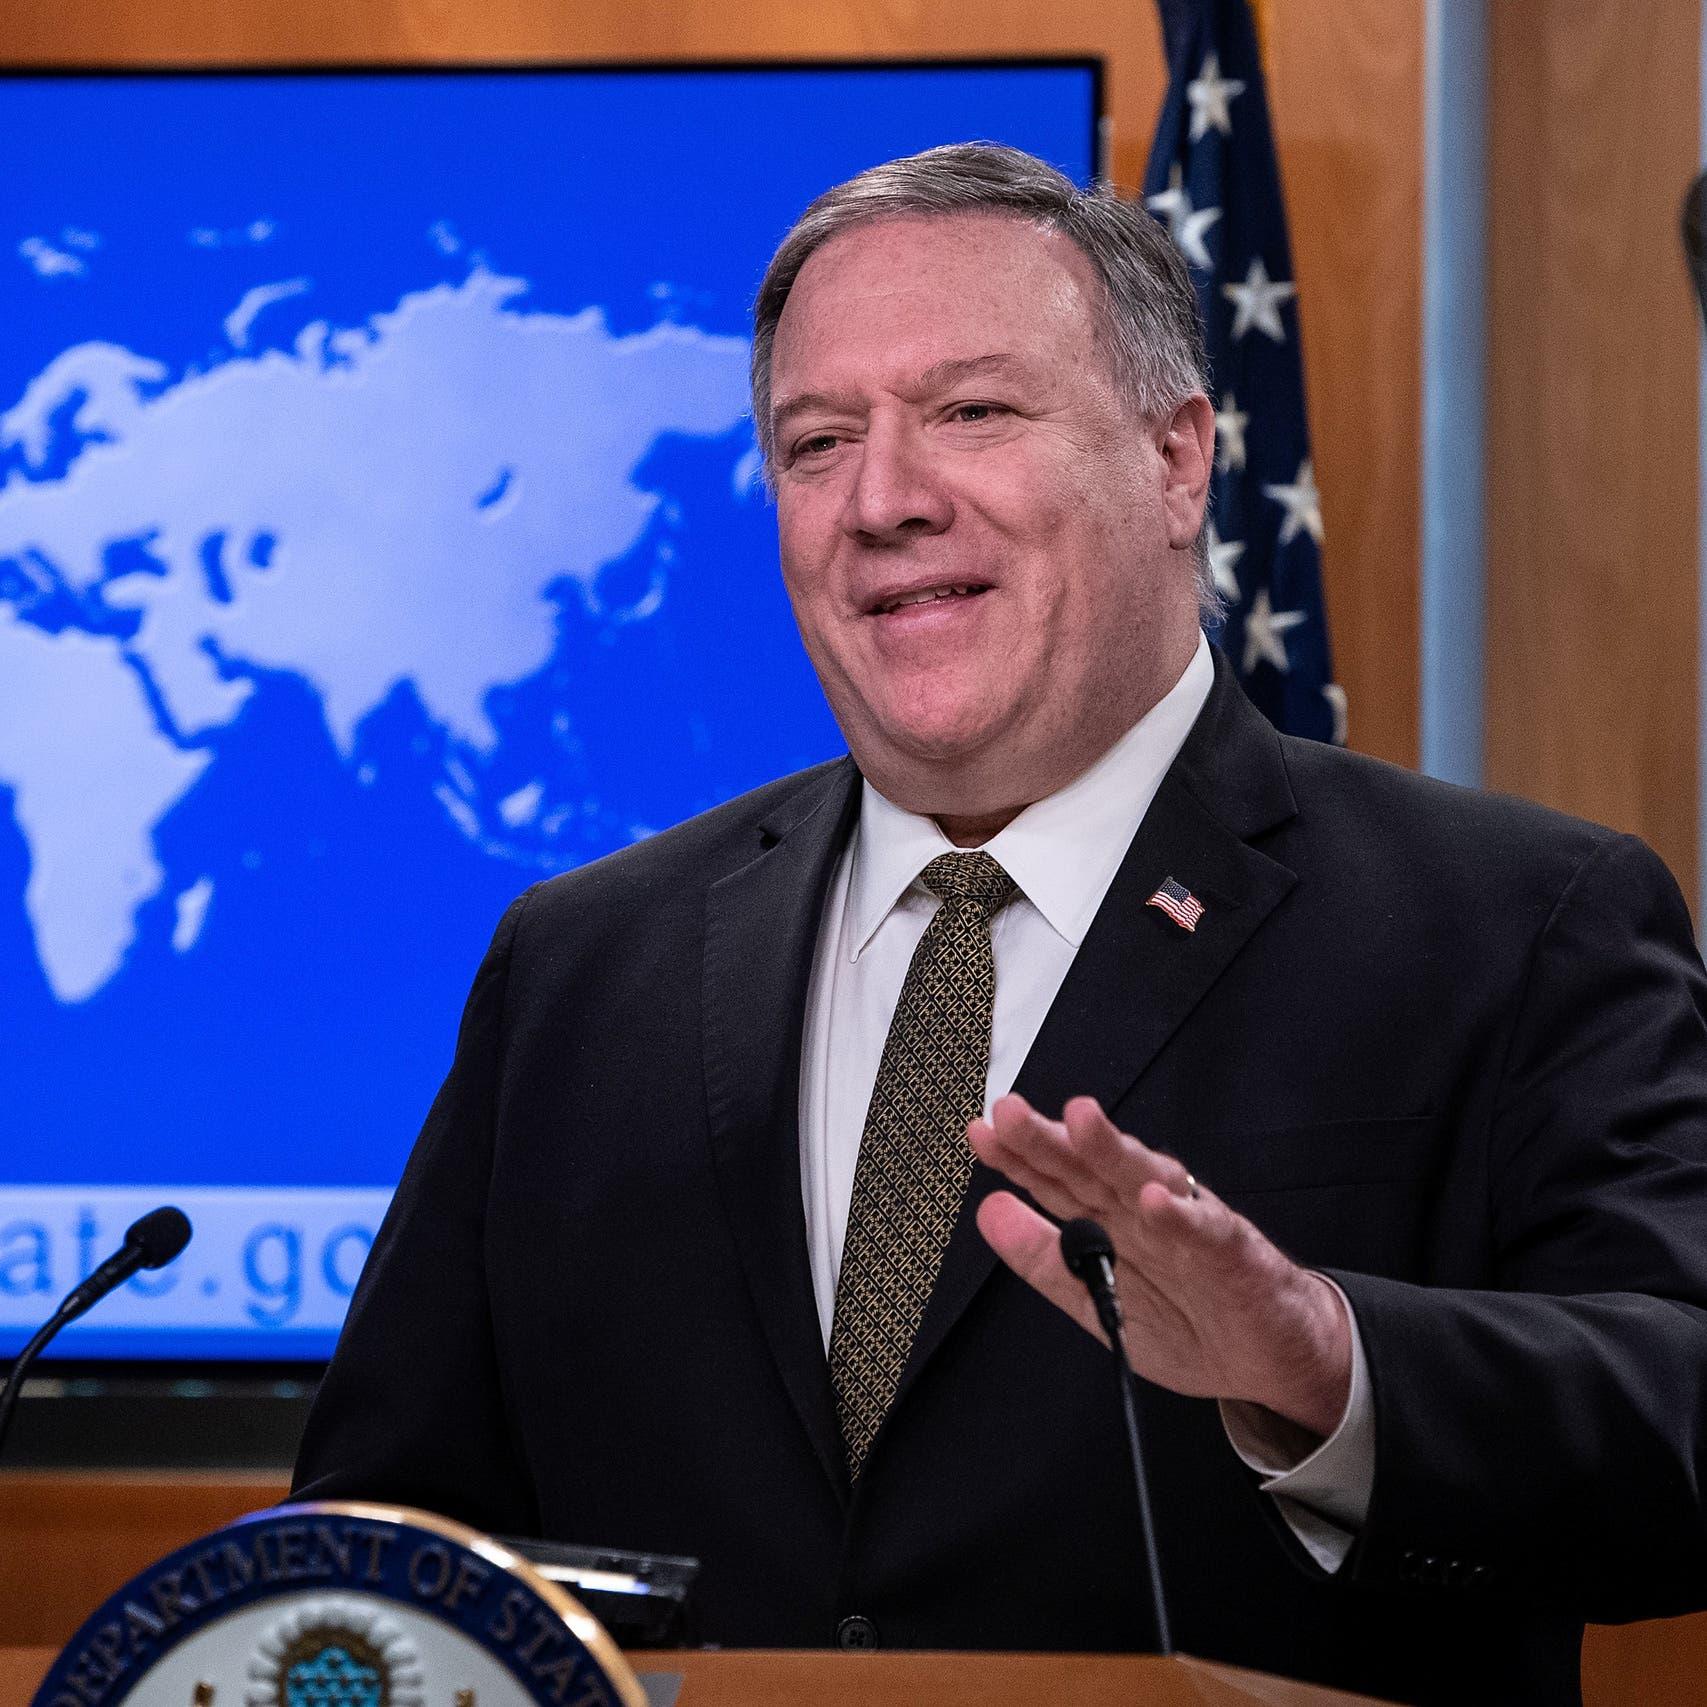 بومبيو: البرنامج الصاروخي الإيراني خطير وليس سلمياً